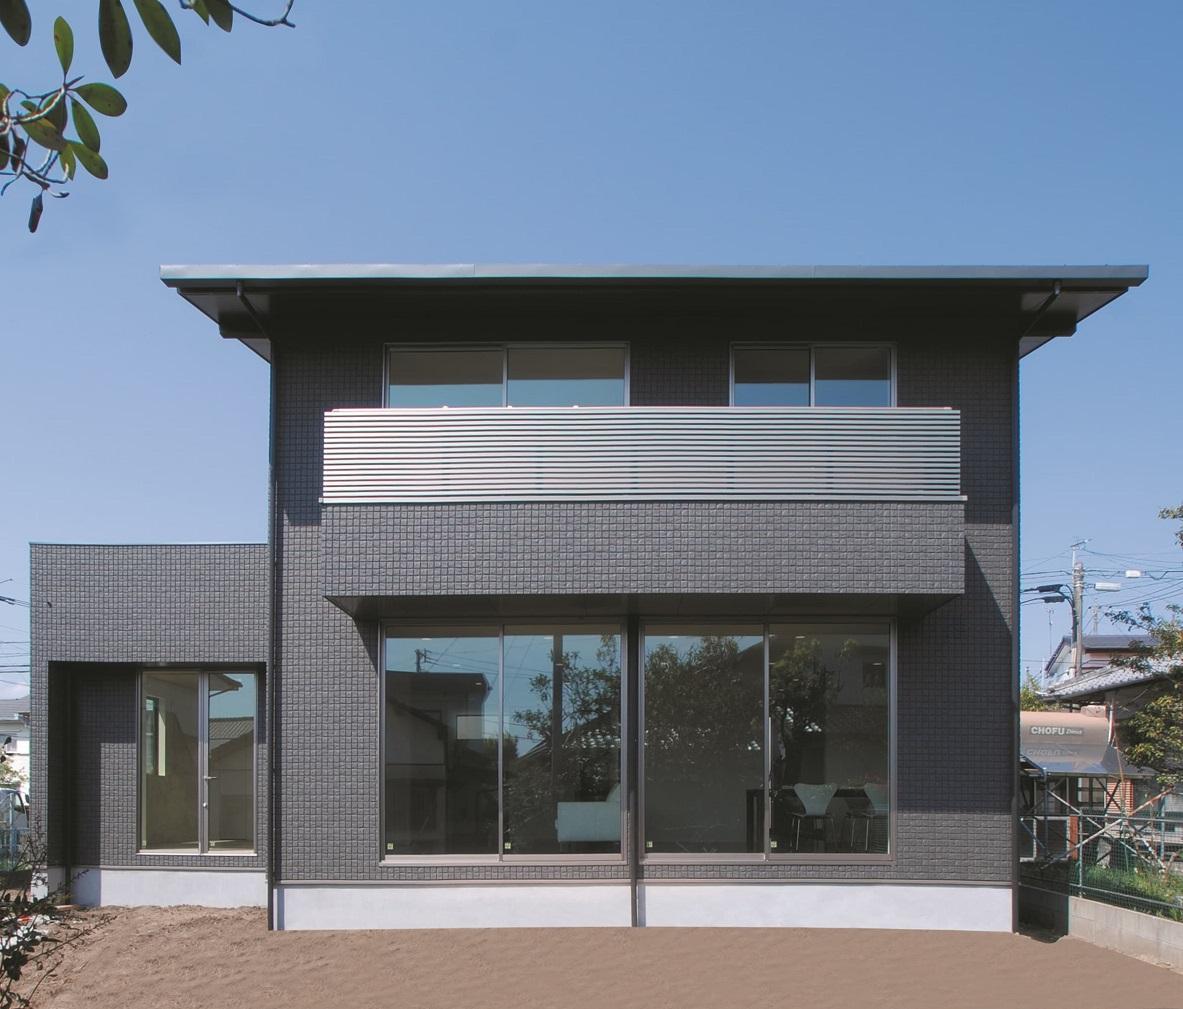 施工事例 01 黒い外観が際立つ、片流れ屋根の家【箱の家シリーズ】